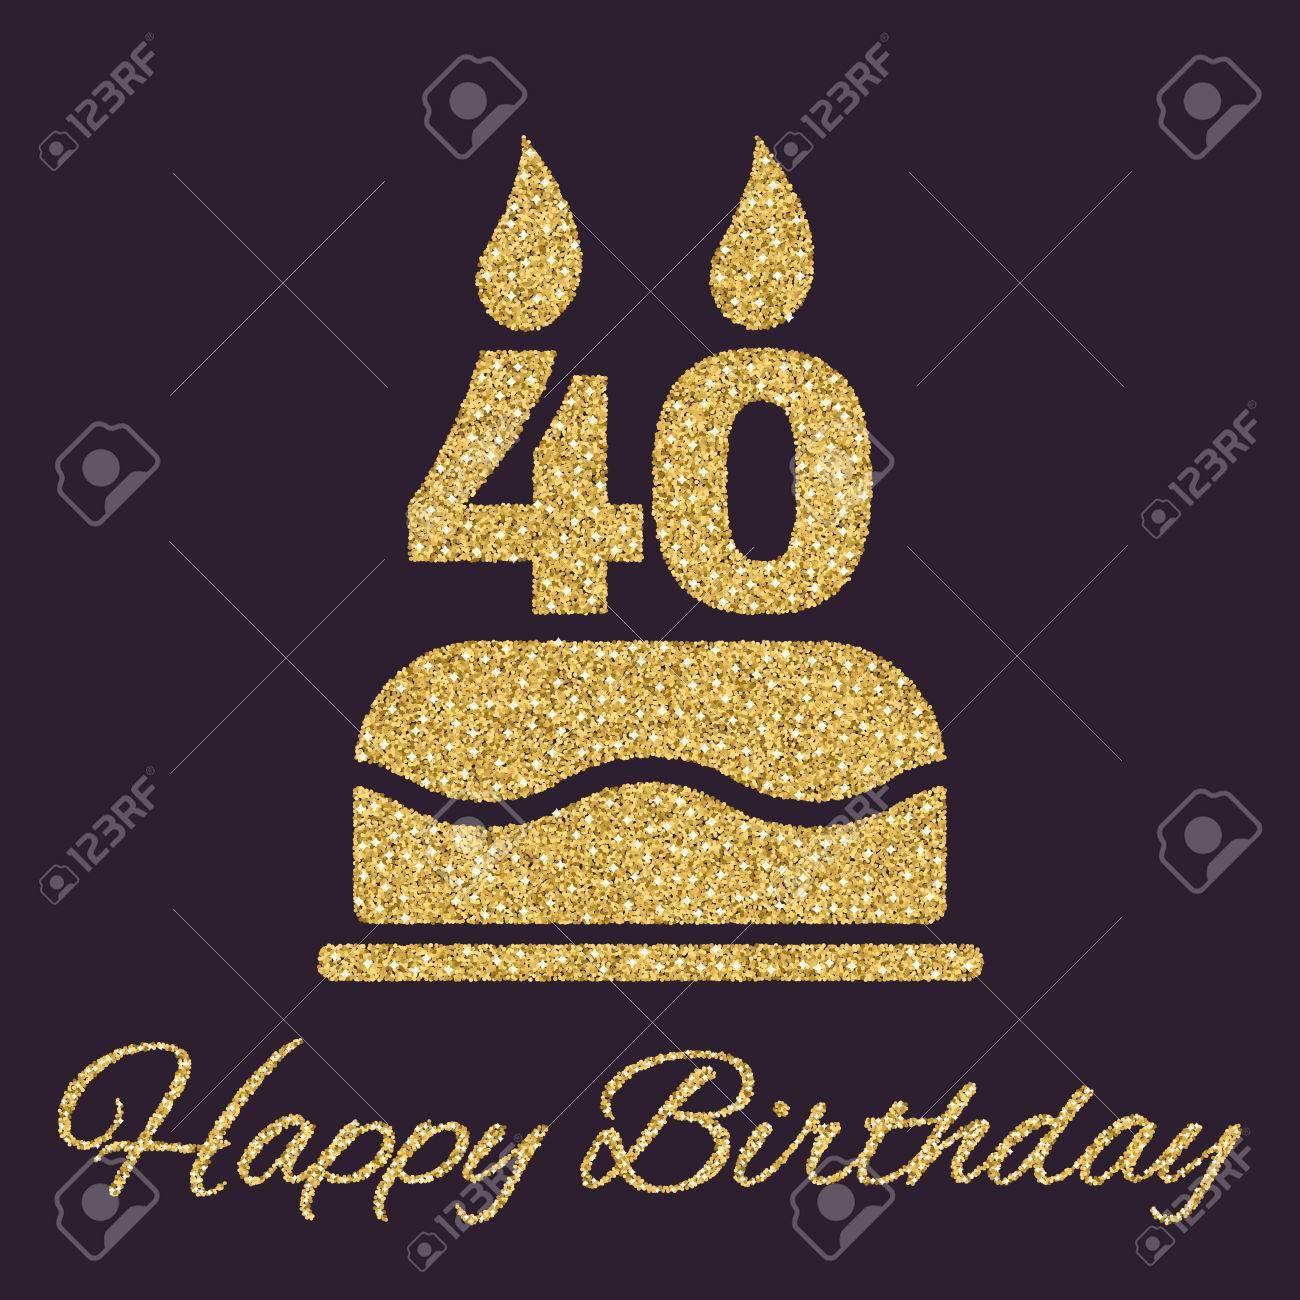 Imagenes De Cumpleanos Numero 40.La Torta De Cumpleanos Con Velas En Forma De Numero 40 Icono Simbolo De Cumpleanos Las Chispas Del Oro Y La Ilustracion Vectorial Brillo